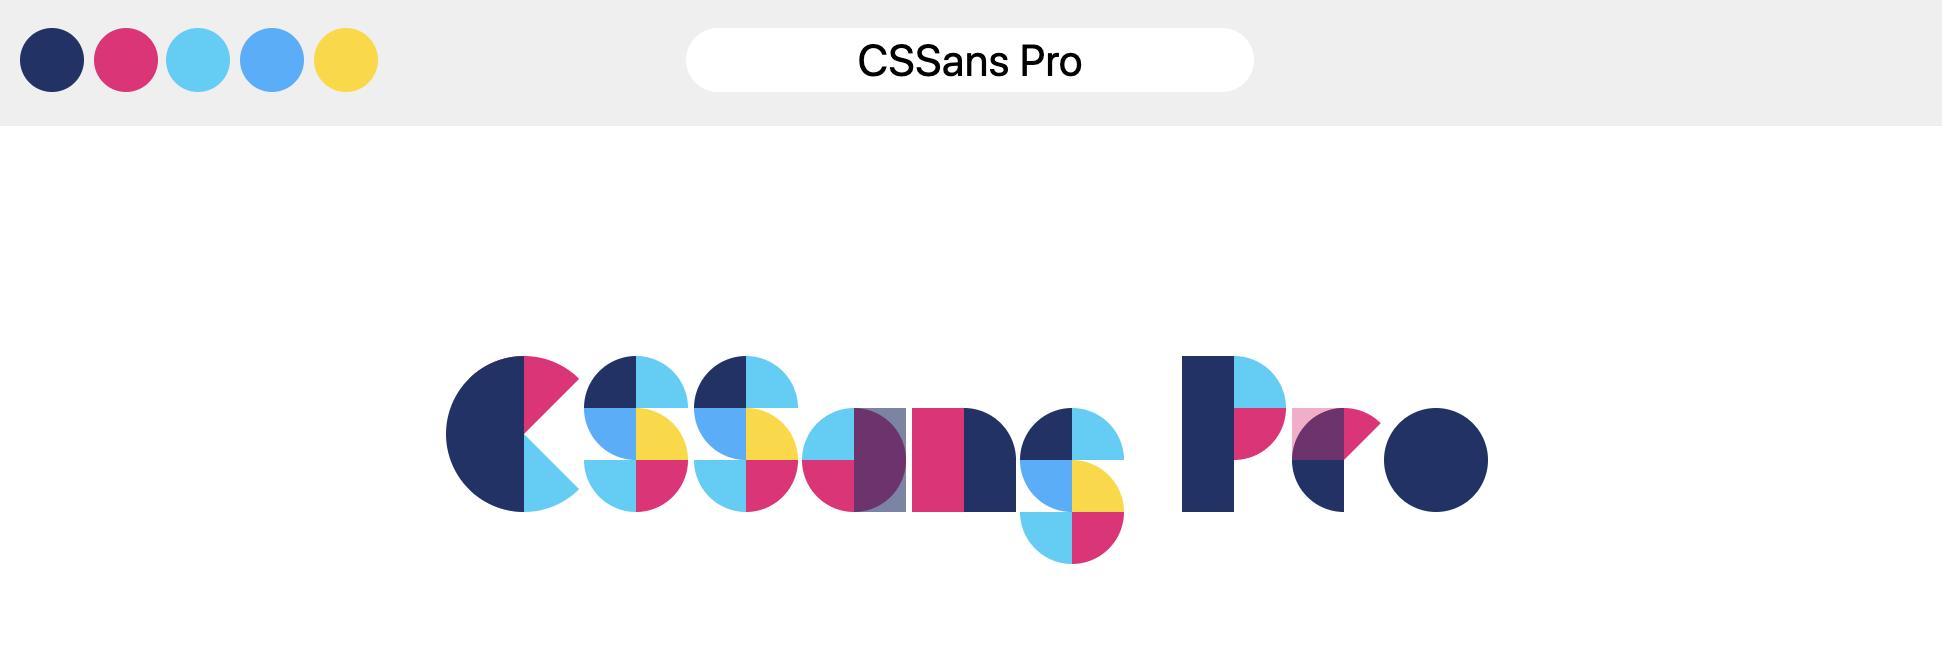 Вывод информации об использовании CSSans Pro, географических фигур в нескольких цветах, объединенных в буквы.